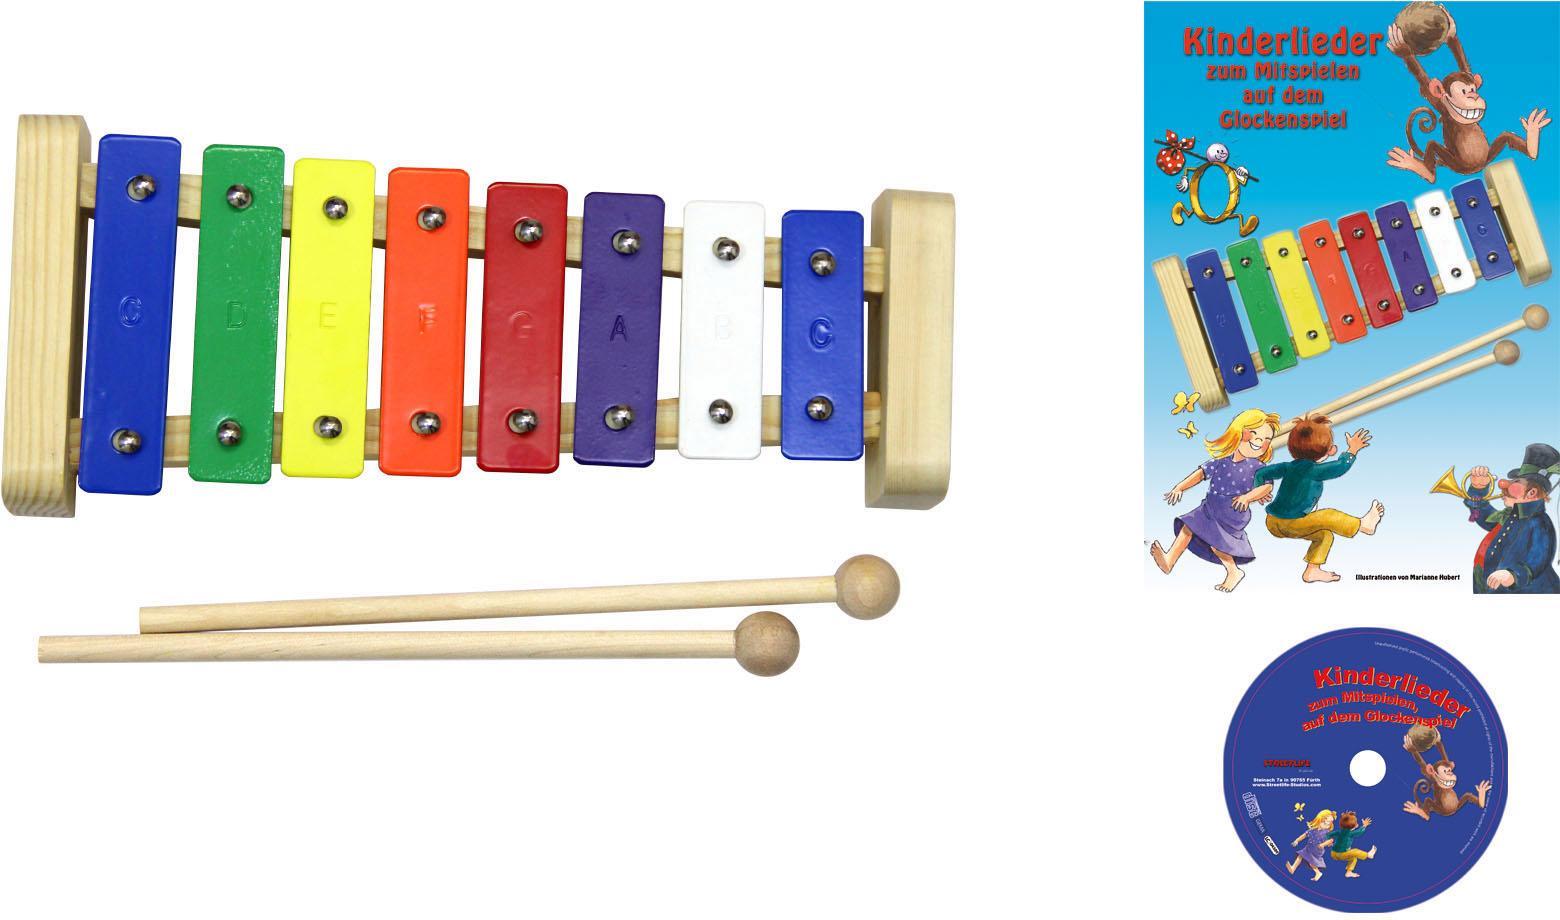 Clifton Spielzeug-Musikinstrument Metallophon, mit 8 Tönen und Kinderlieder CD, Karaoke CD Heft bunt Musikspielzeug Musikinstrumente